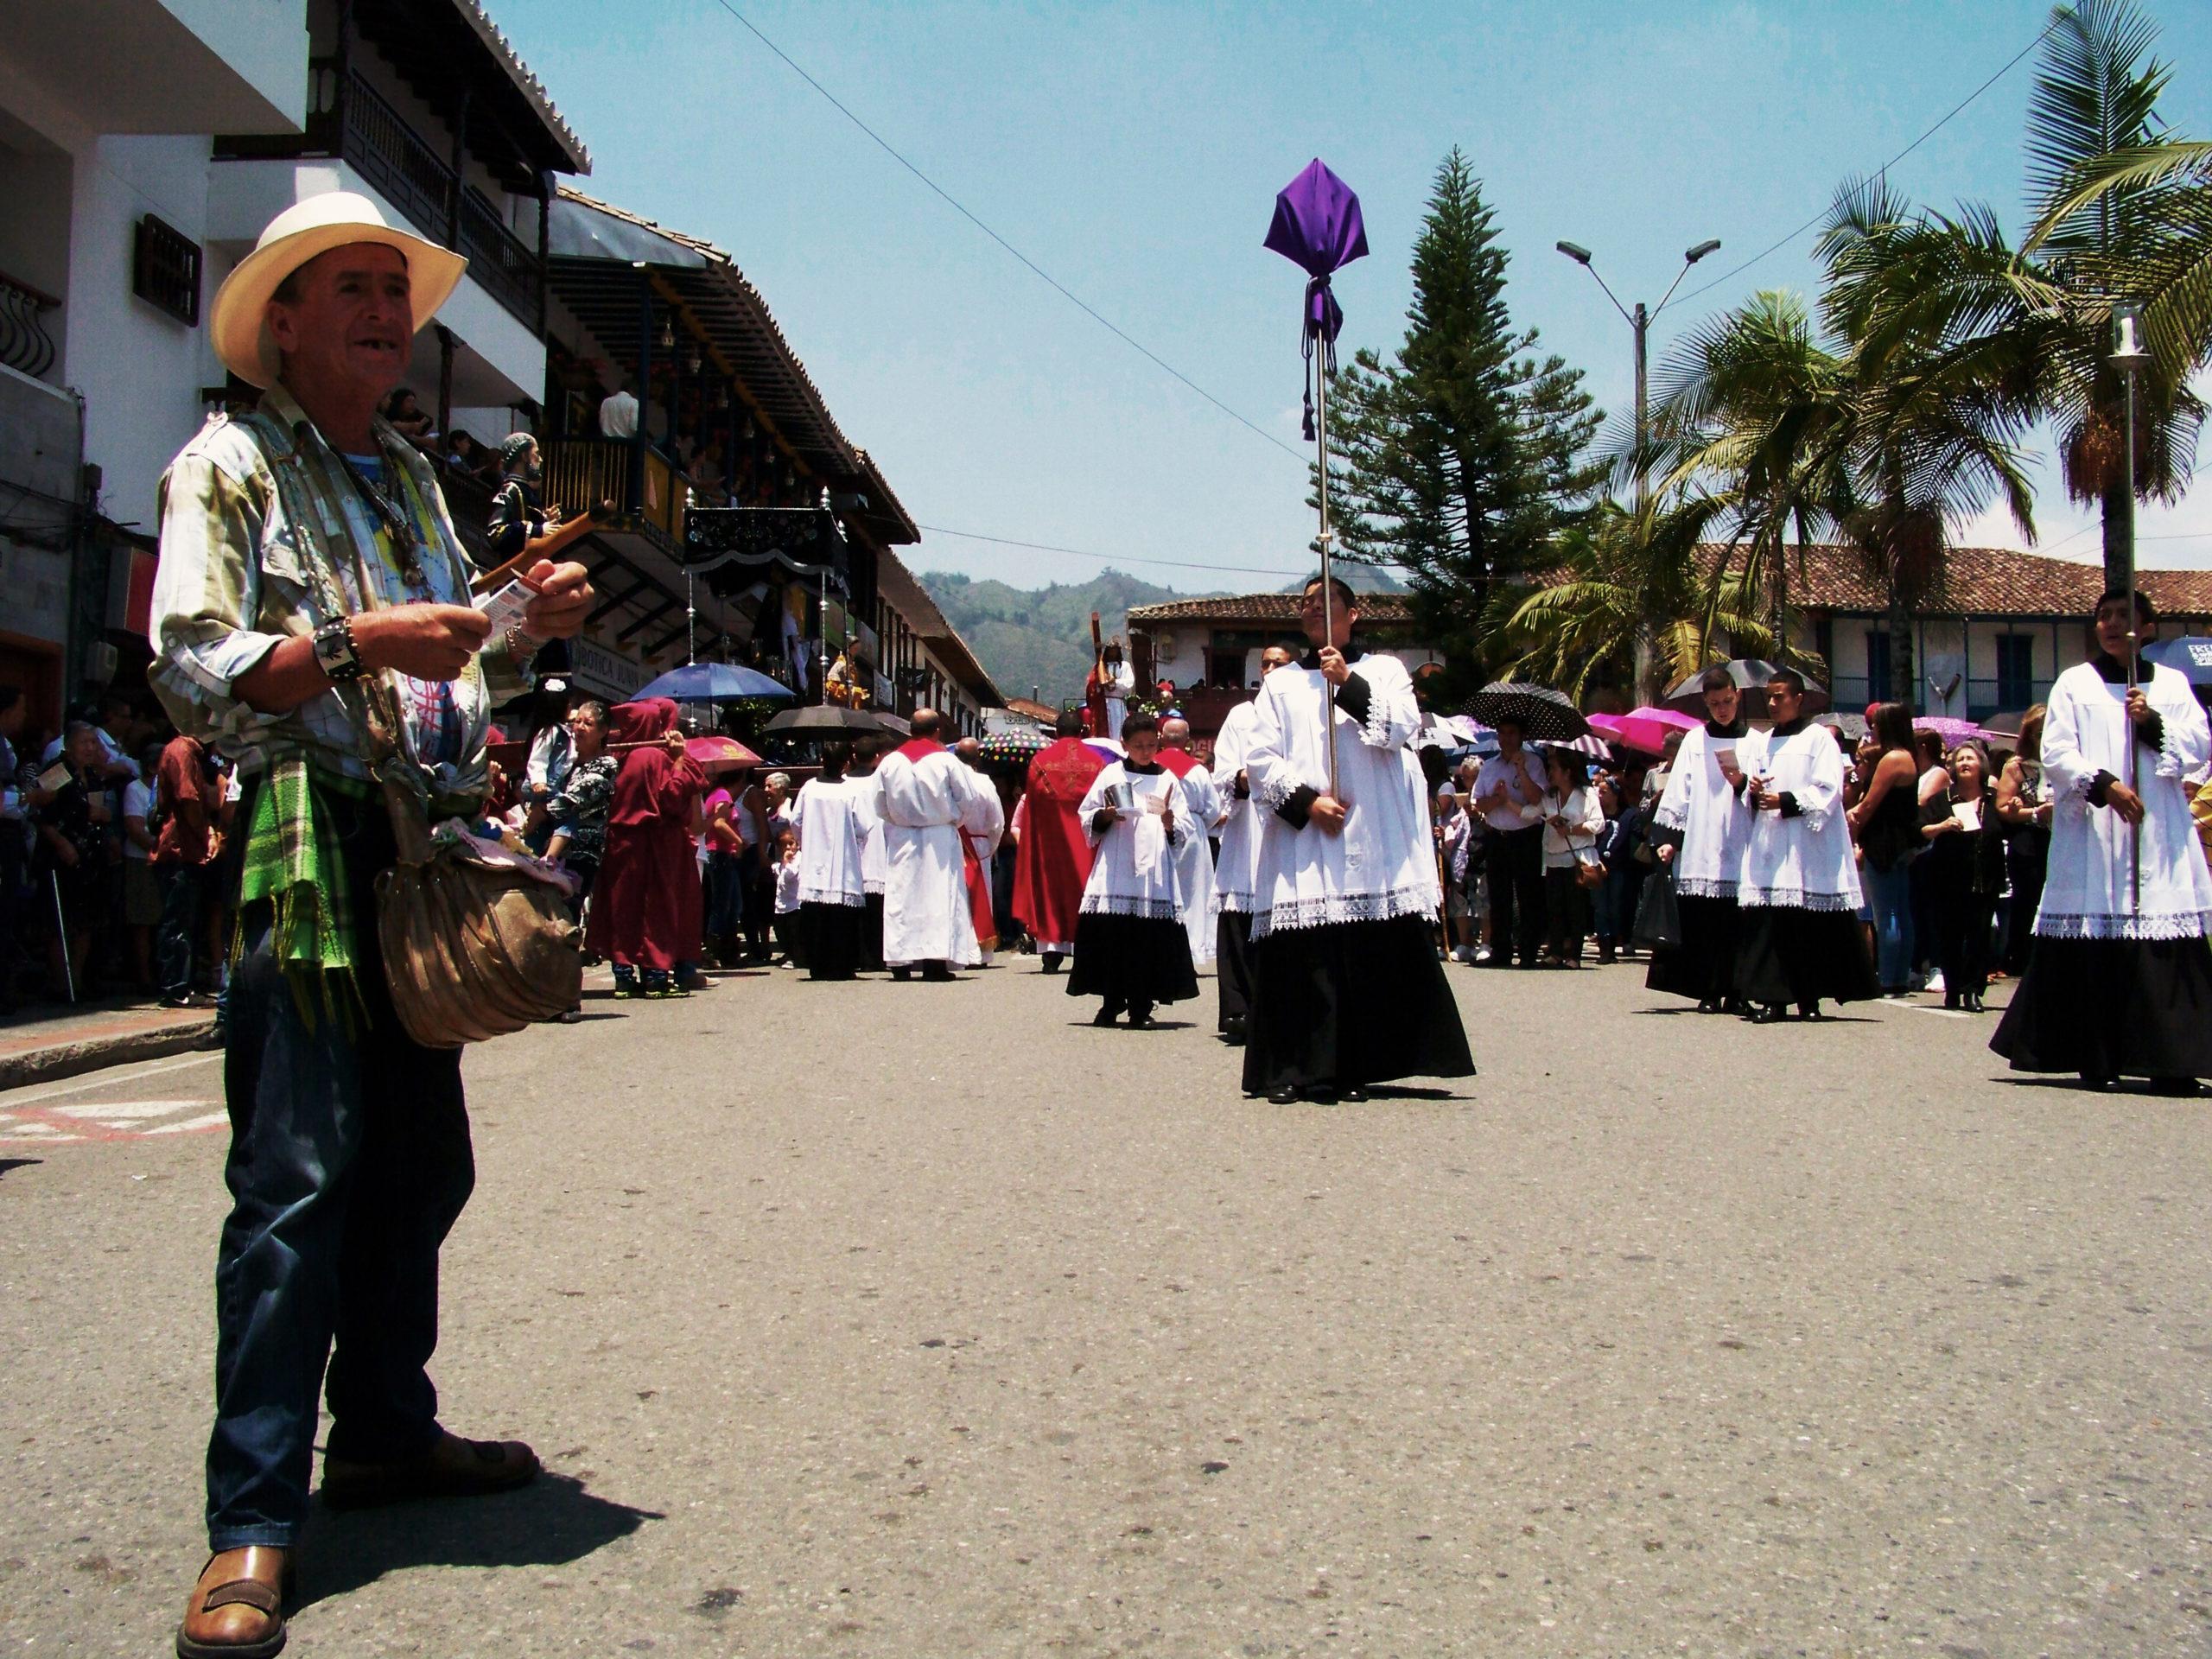 Procesí o Velkém pátku. La Ceja, Kolumbie.